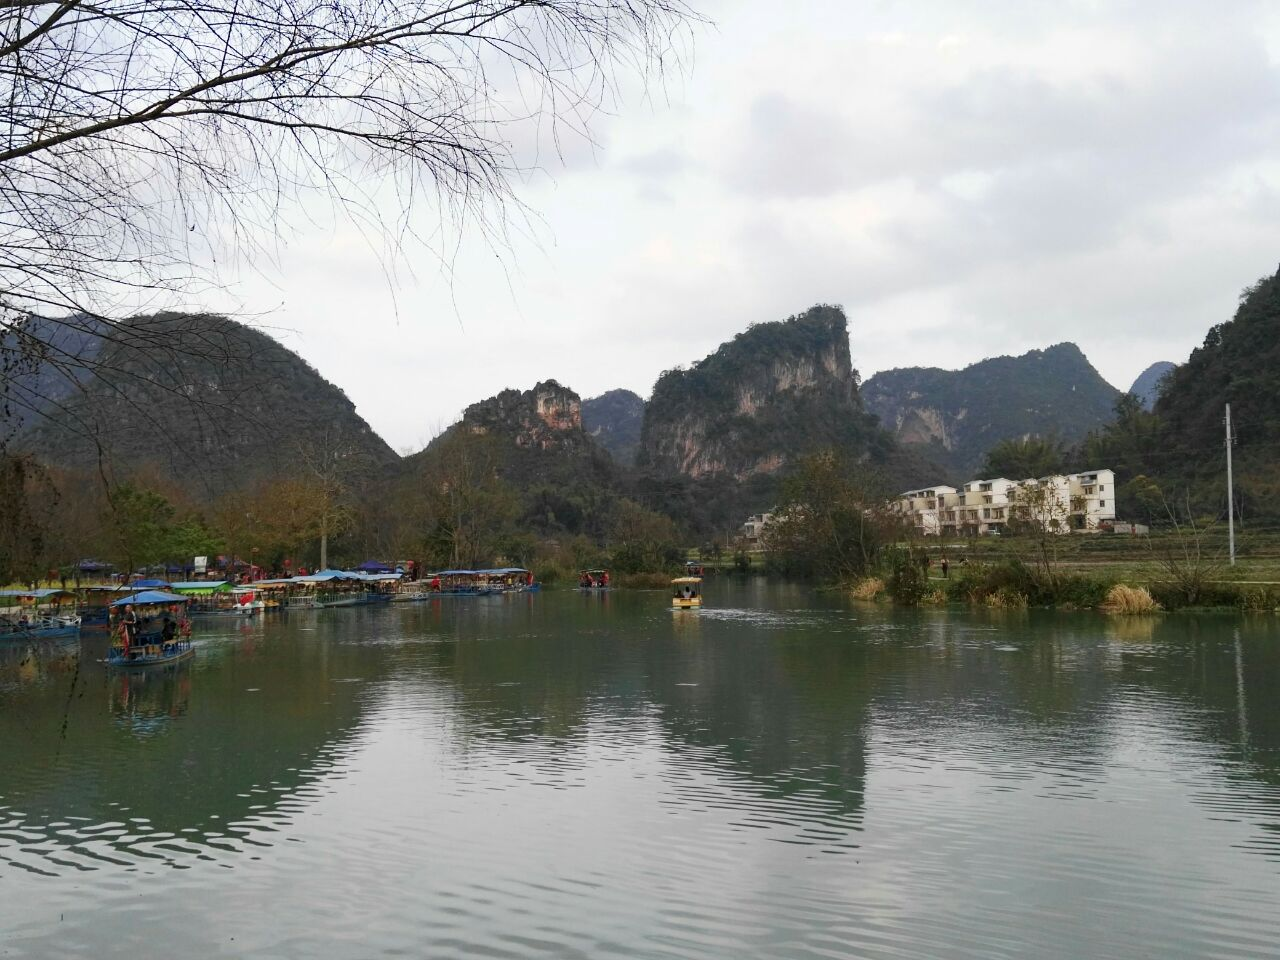 【携程攻略】德保曼贝侬小西湖景点,风景优美,尤其的.